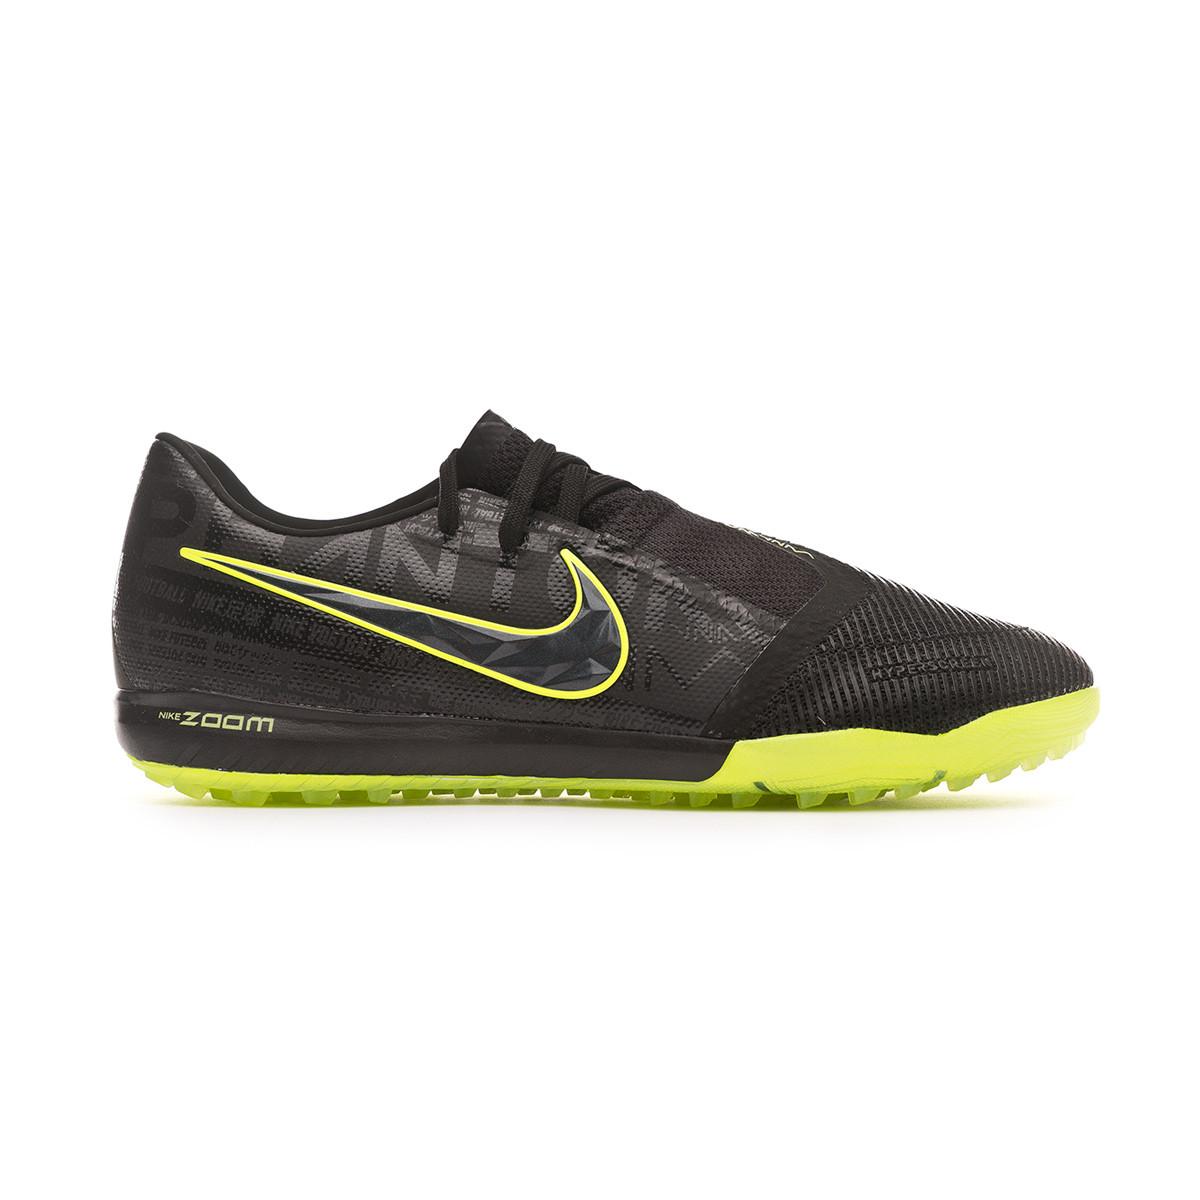 Chuteira Nike Zoom Phantom Venom Pro Turf